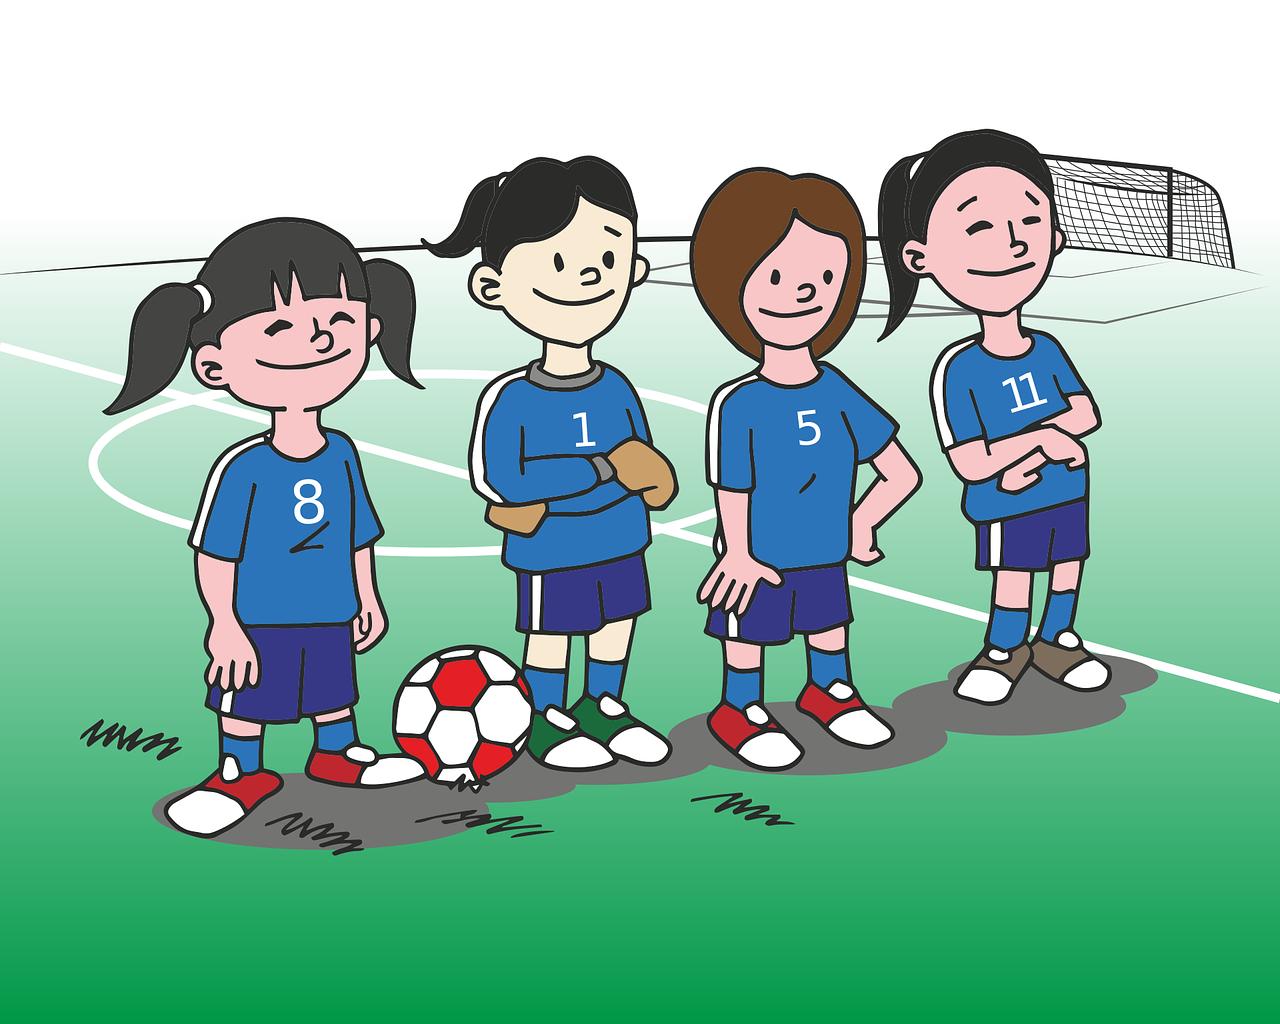 Картинка про футбол для детей, днем